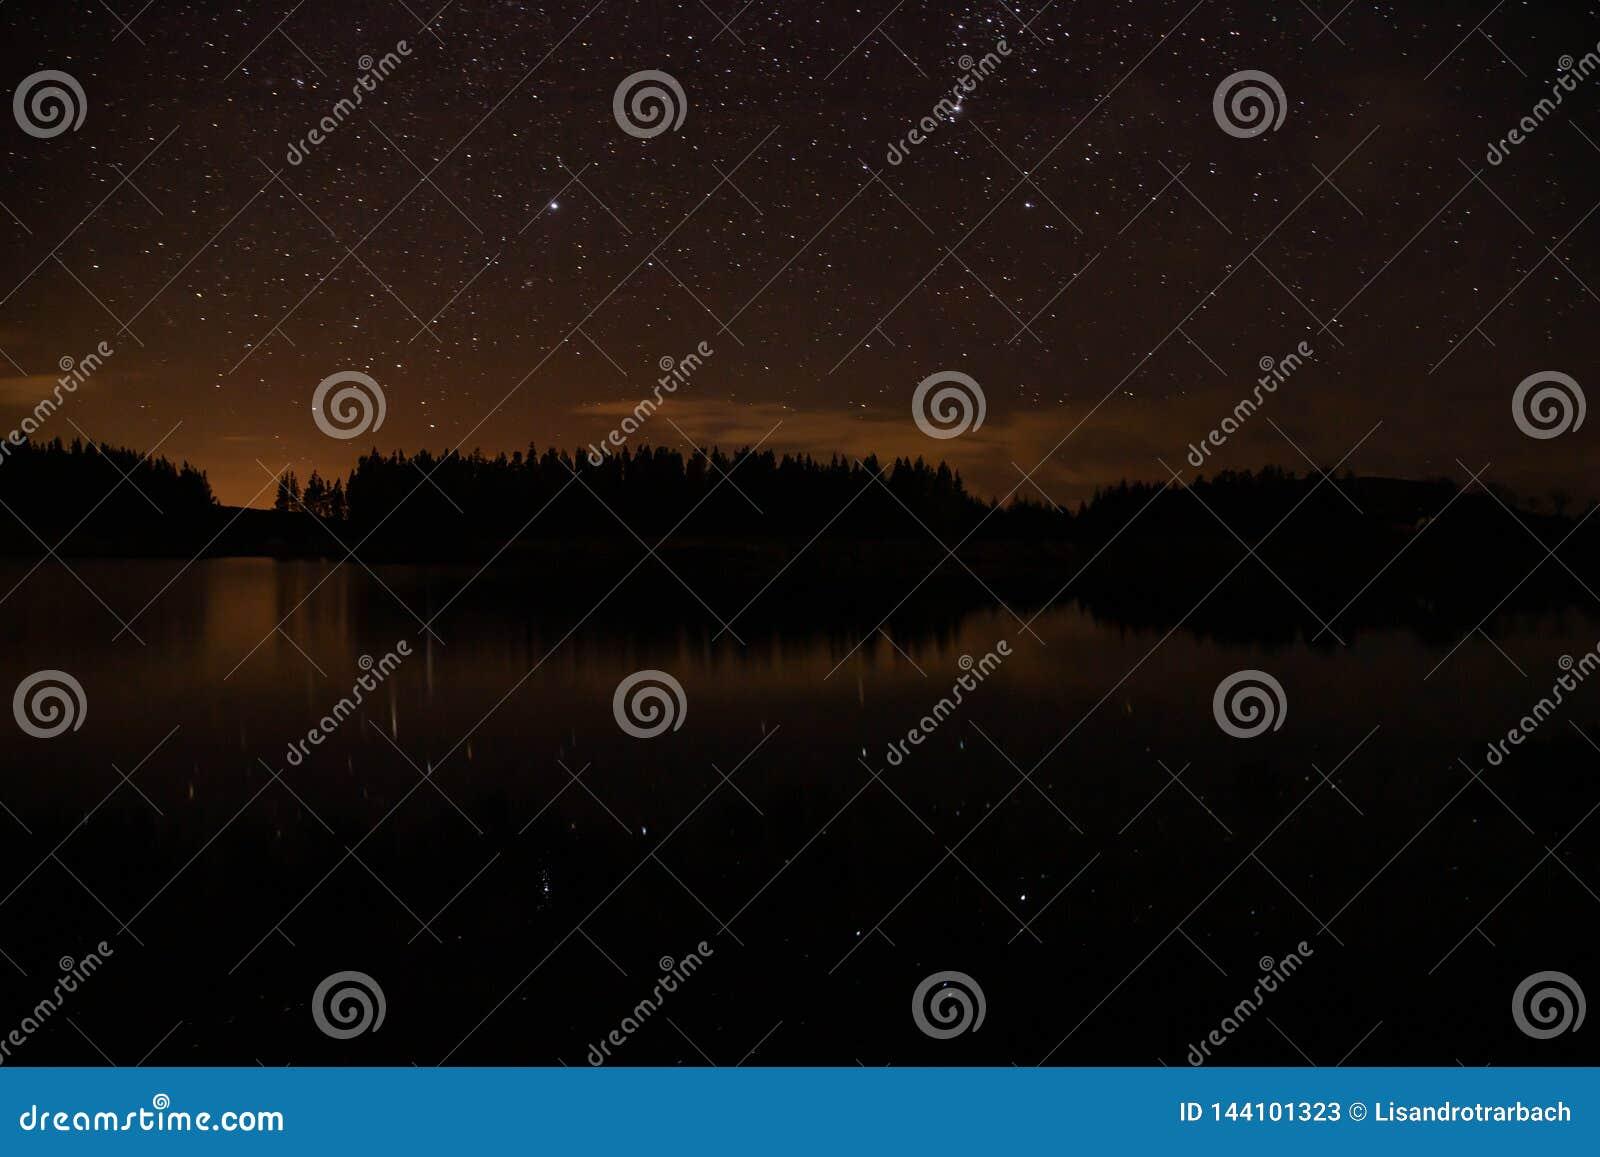 Ciel nocturne avec des débuts dans un lac Conemara avec la forêt de pin autour